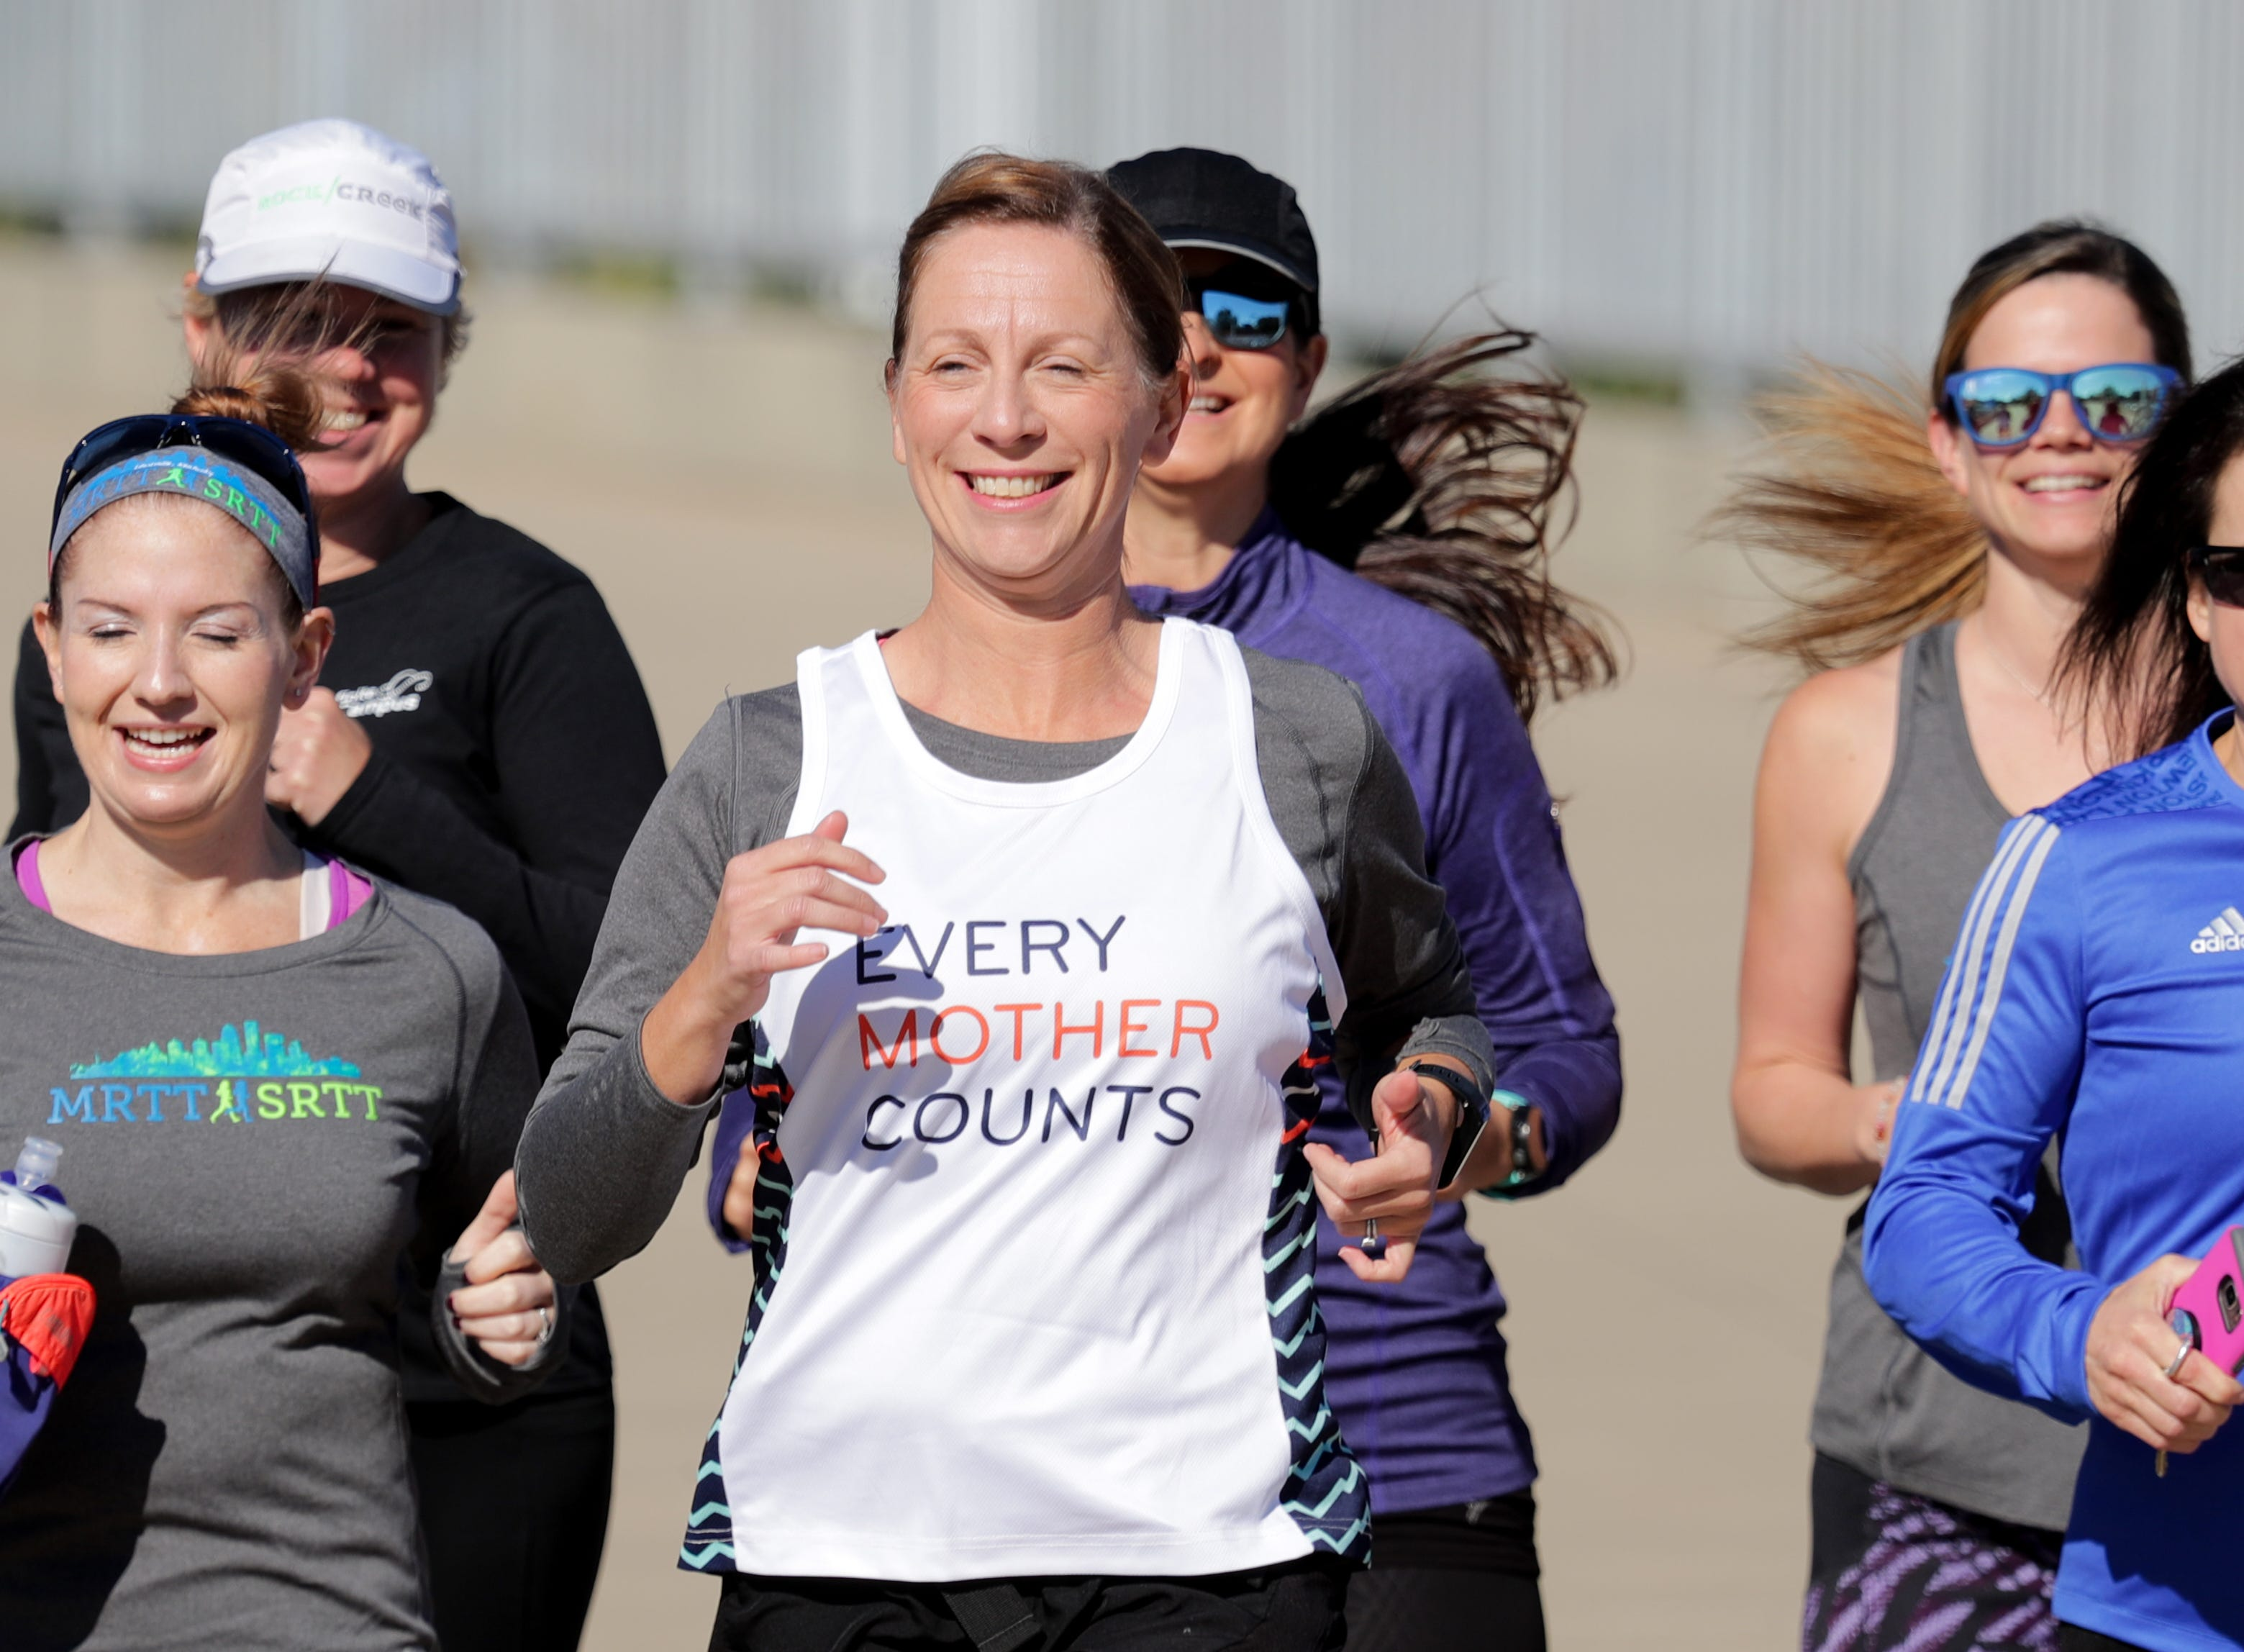 Kentucky mom runs to fight maternal deaths after near-tragic pregnancy